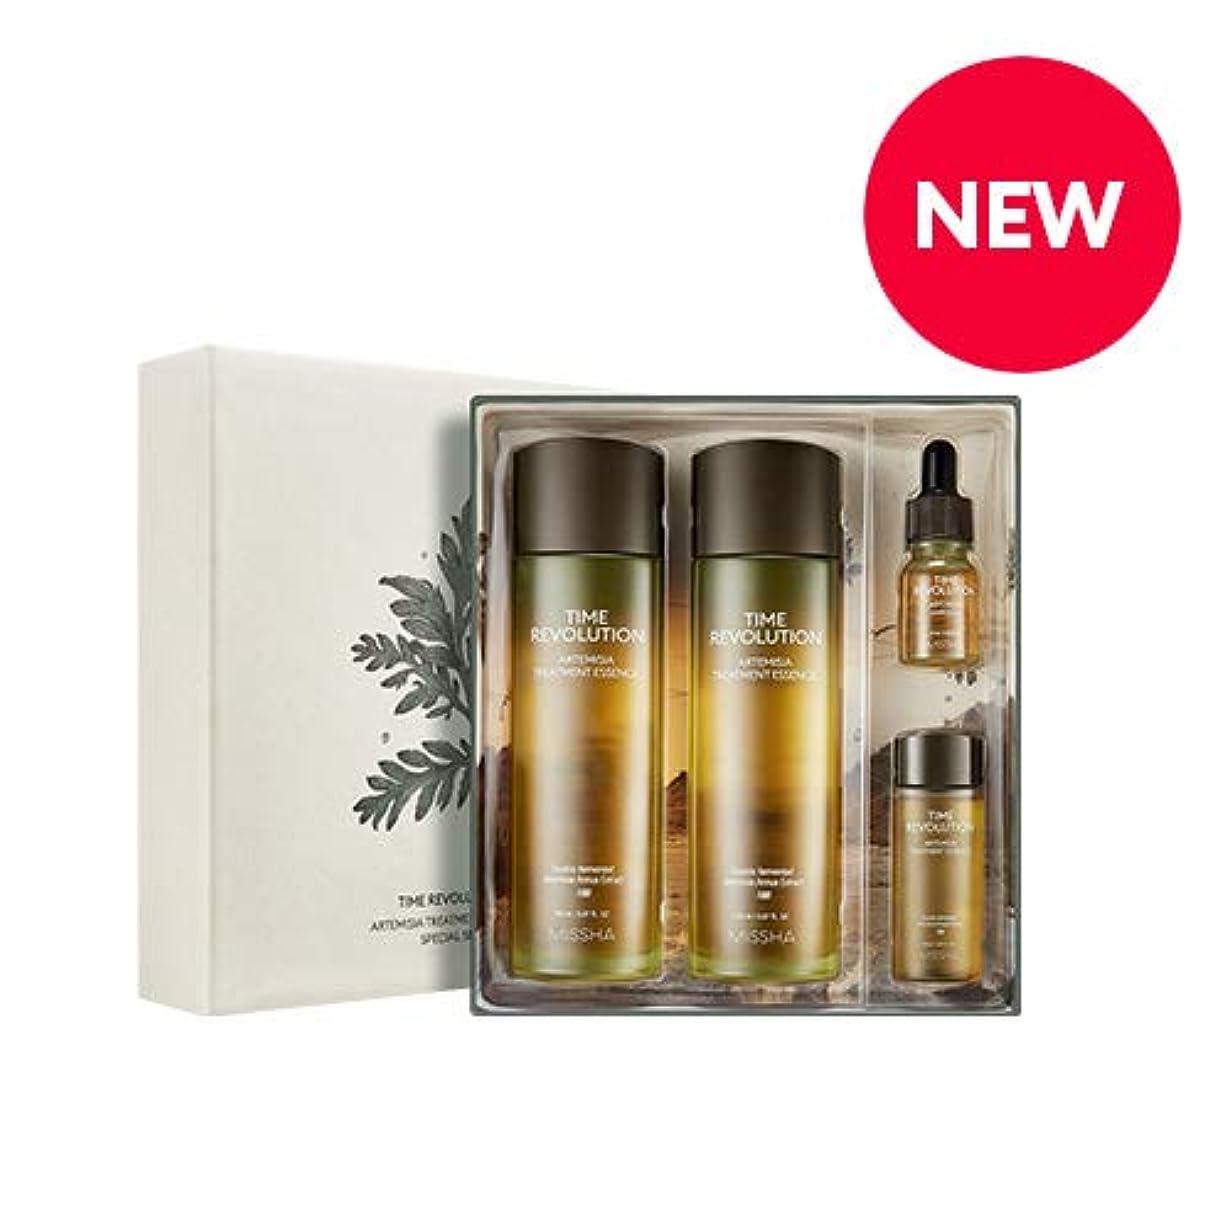 ストロークようこそ誤ってMISSHA タイムレボリューションアルテミシアトリートメントエッセンススペシャルセット/Time Revolution Artemisia Treatment Essence Special Set [並行輸入品]